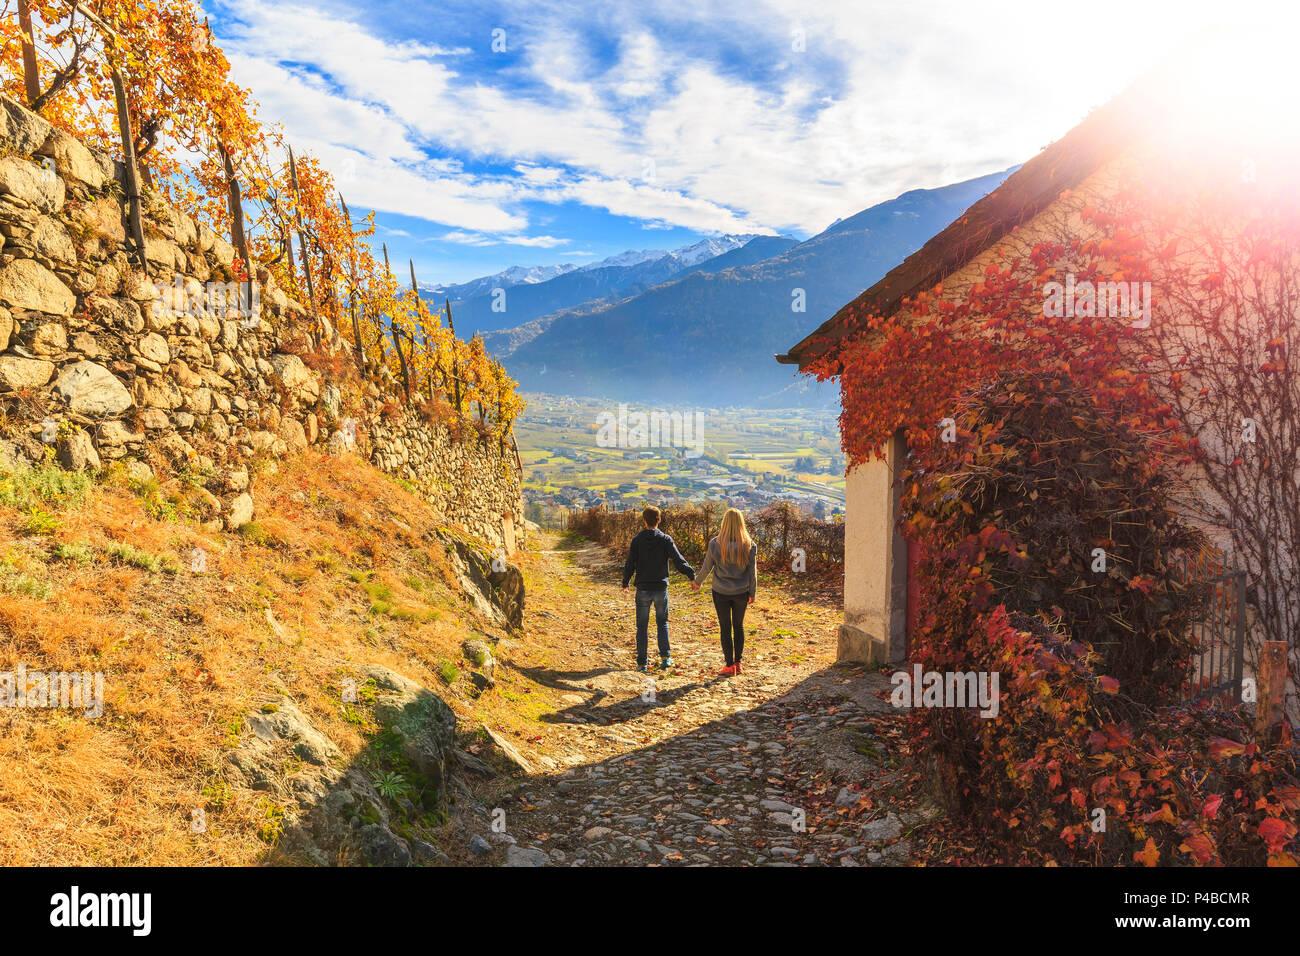 Due persone che camminano su di un sentiero tra i vigneti e una copertura della casa di uva americana foglie. A Poggiridenti, Valtellina, provincia di Sondrio, Lombardia, Italia. Immagini Stock